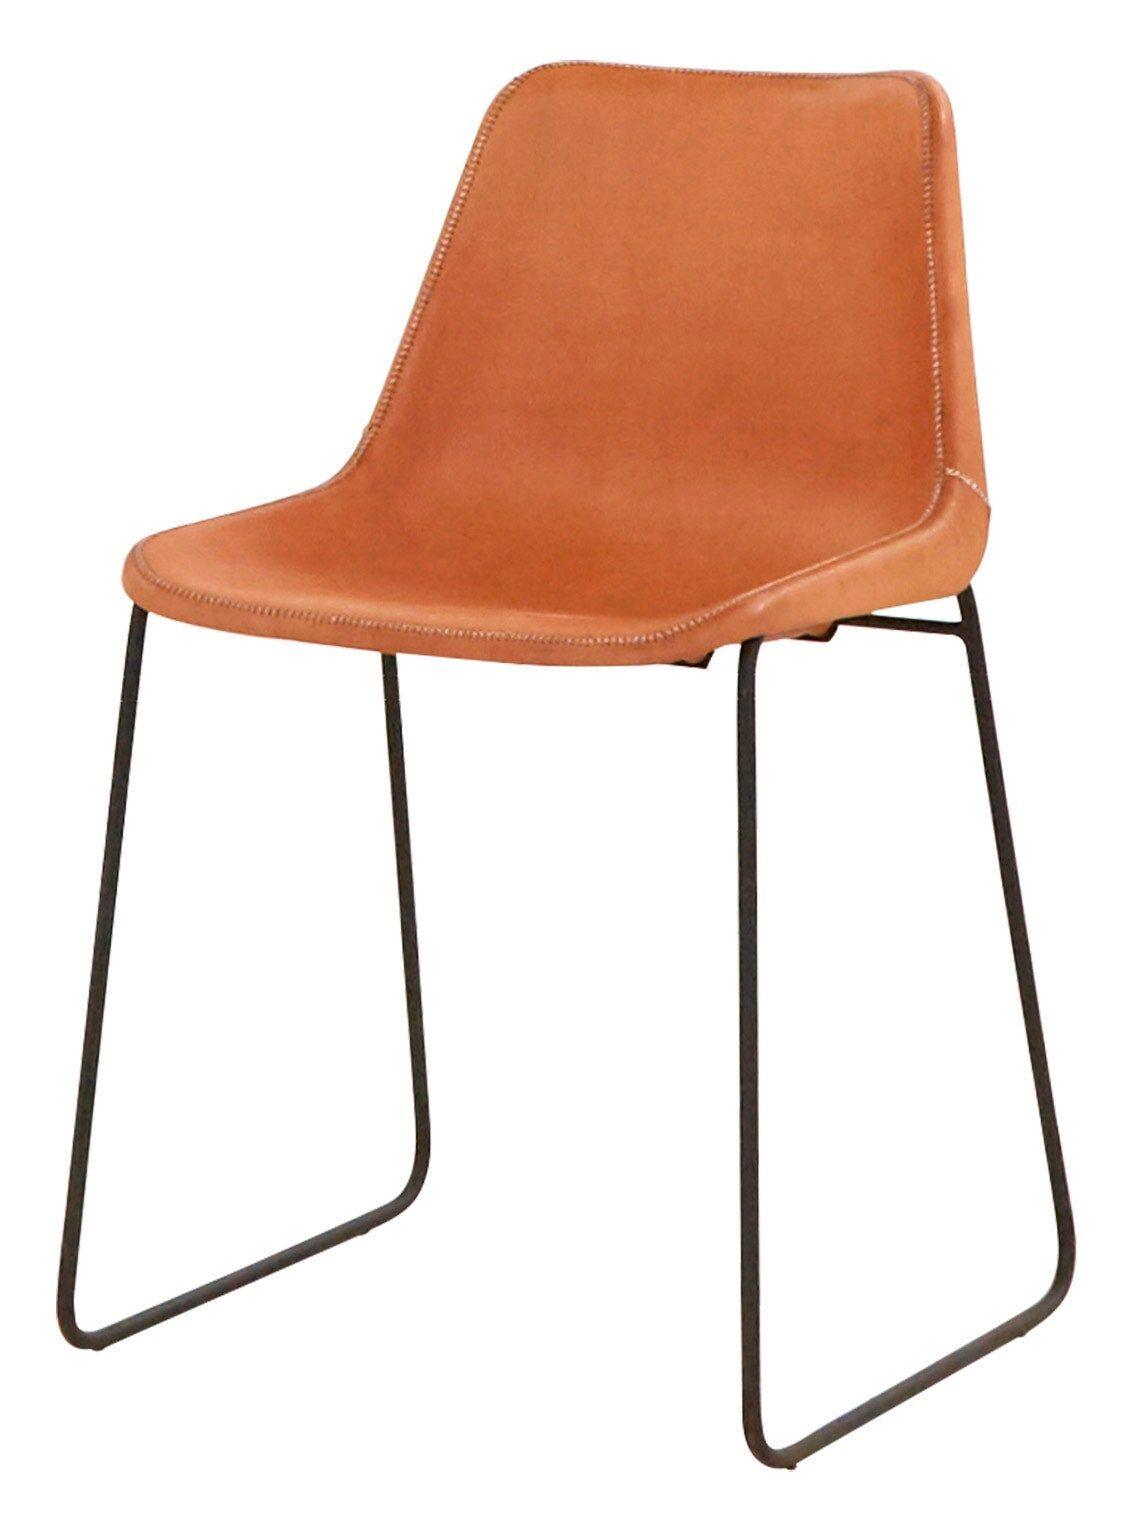 Fernando Chair - Natural